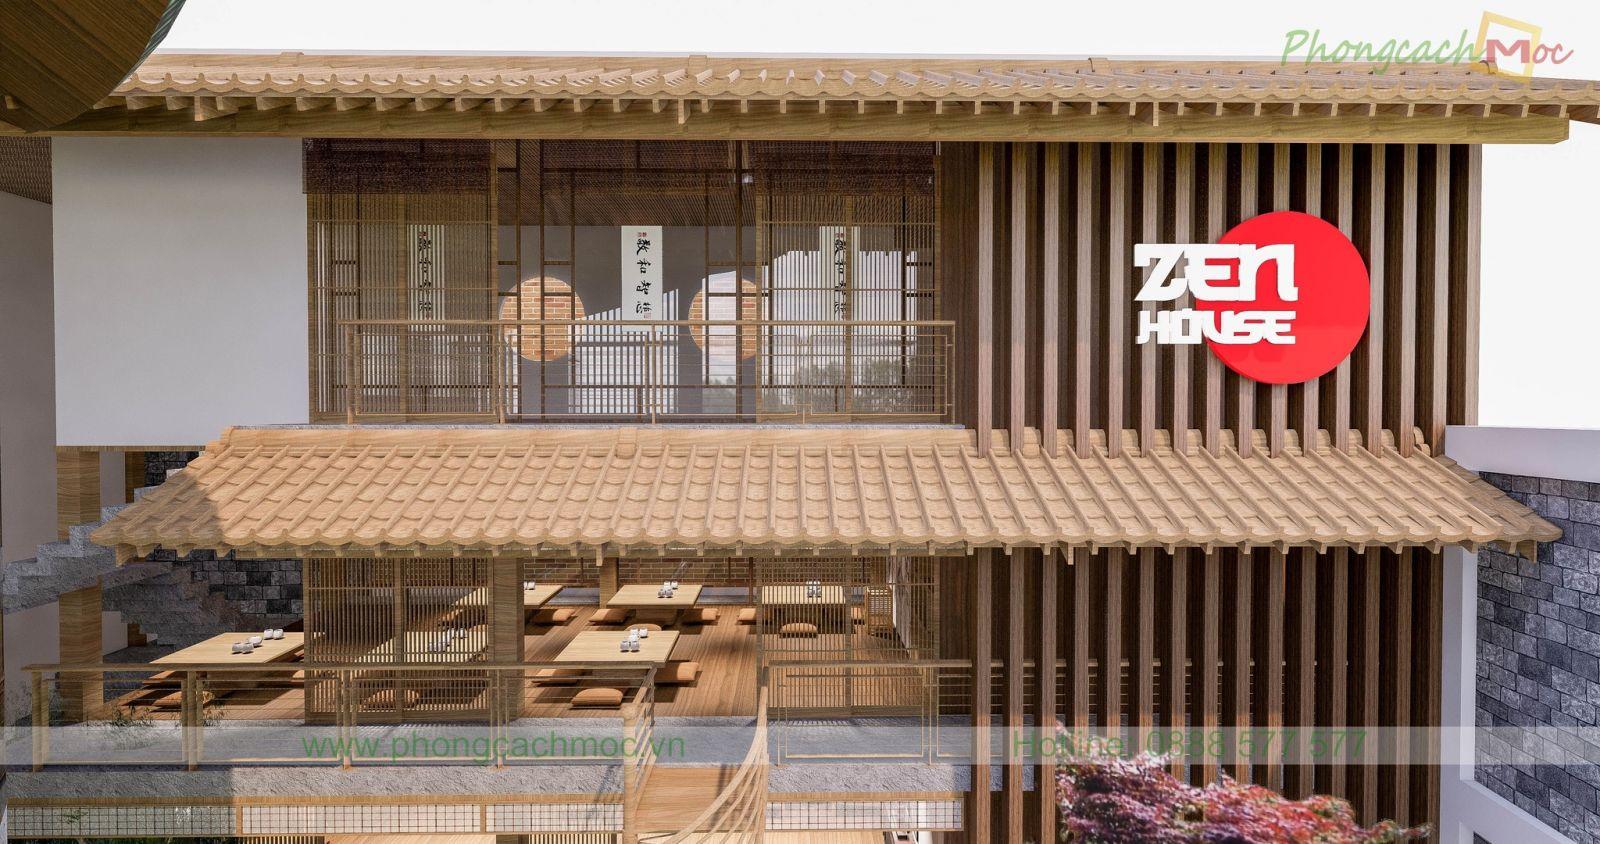 thiết kế phối cảnh nhà hàng chay zenhouse